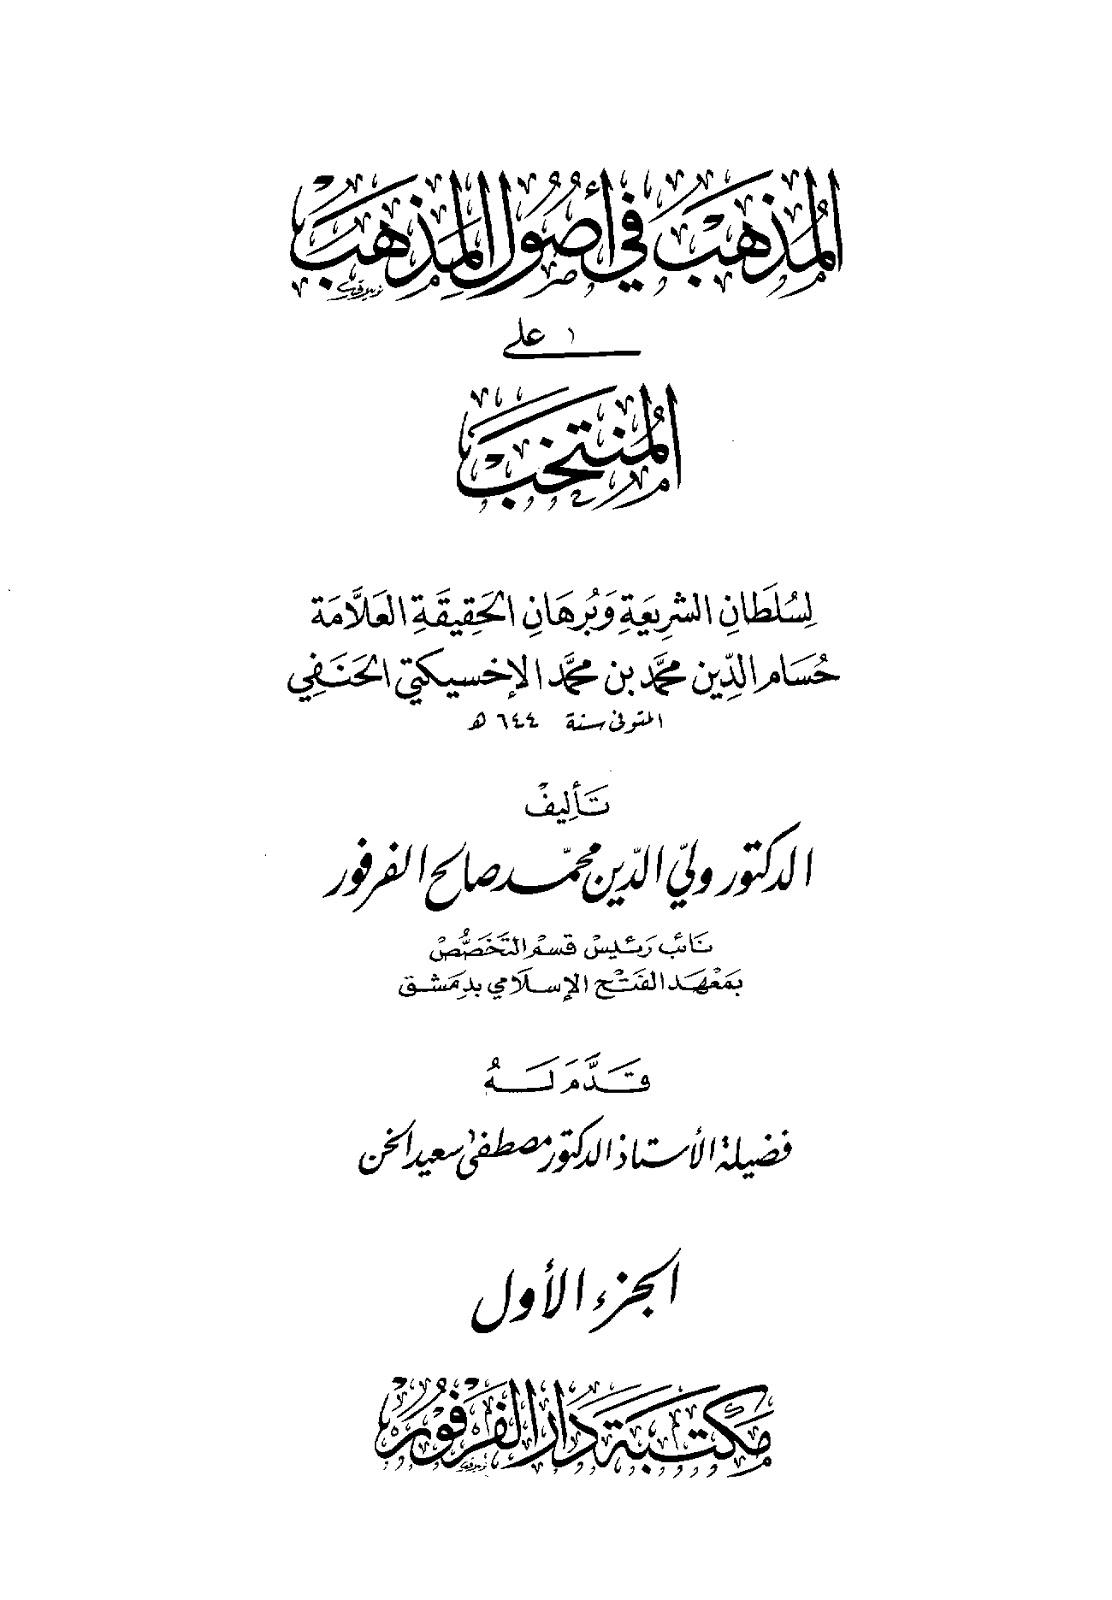 المذهب فى أصول المذهب على المنتخب - حسام الدين الإخسيكتي الحنفي pdf